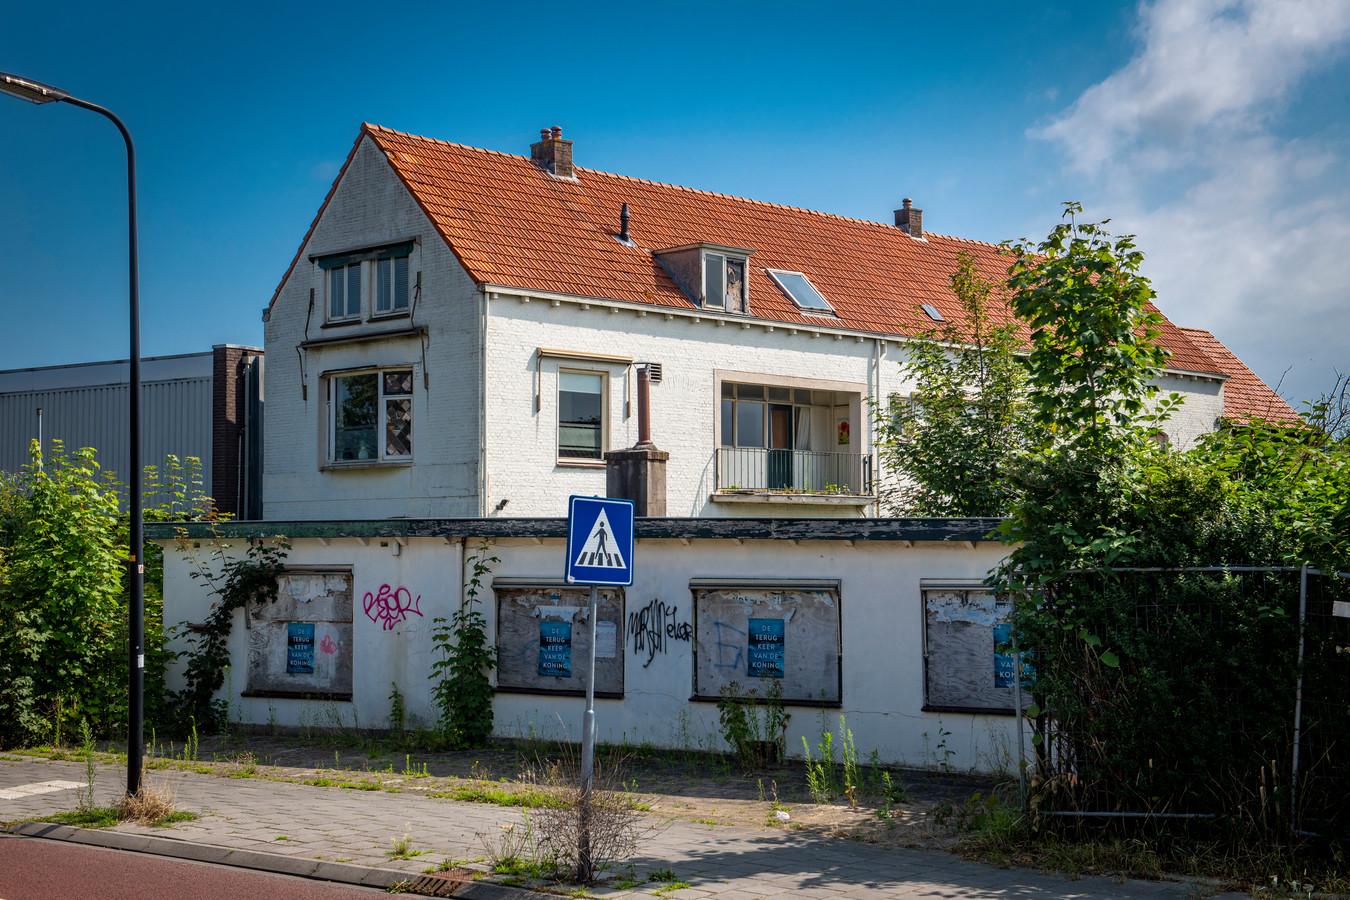 De twee vervallen panden aan de Emmerikseweg in Zutphen. De eigenaar heeft plannen om er twintig huurappartementen te bouwen.